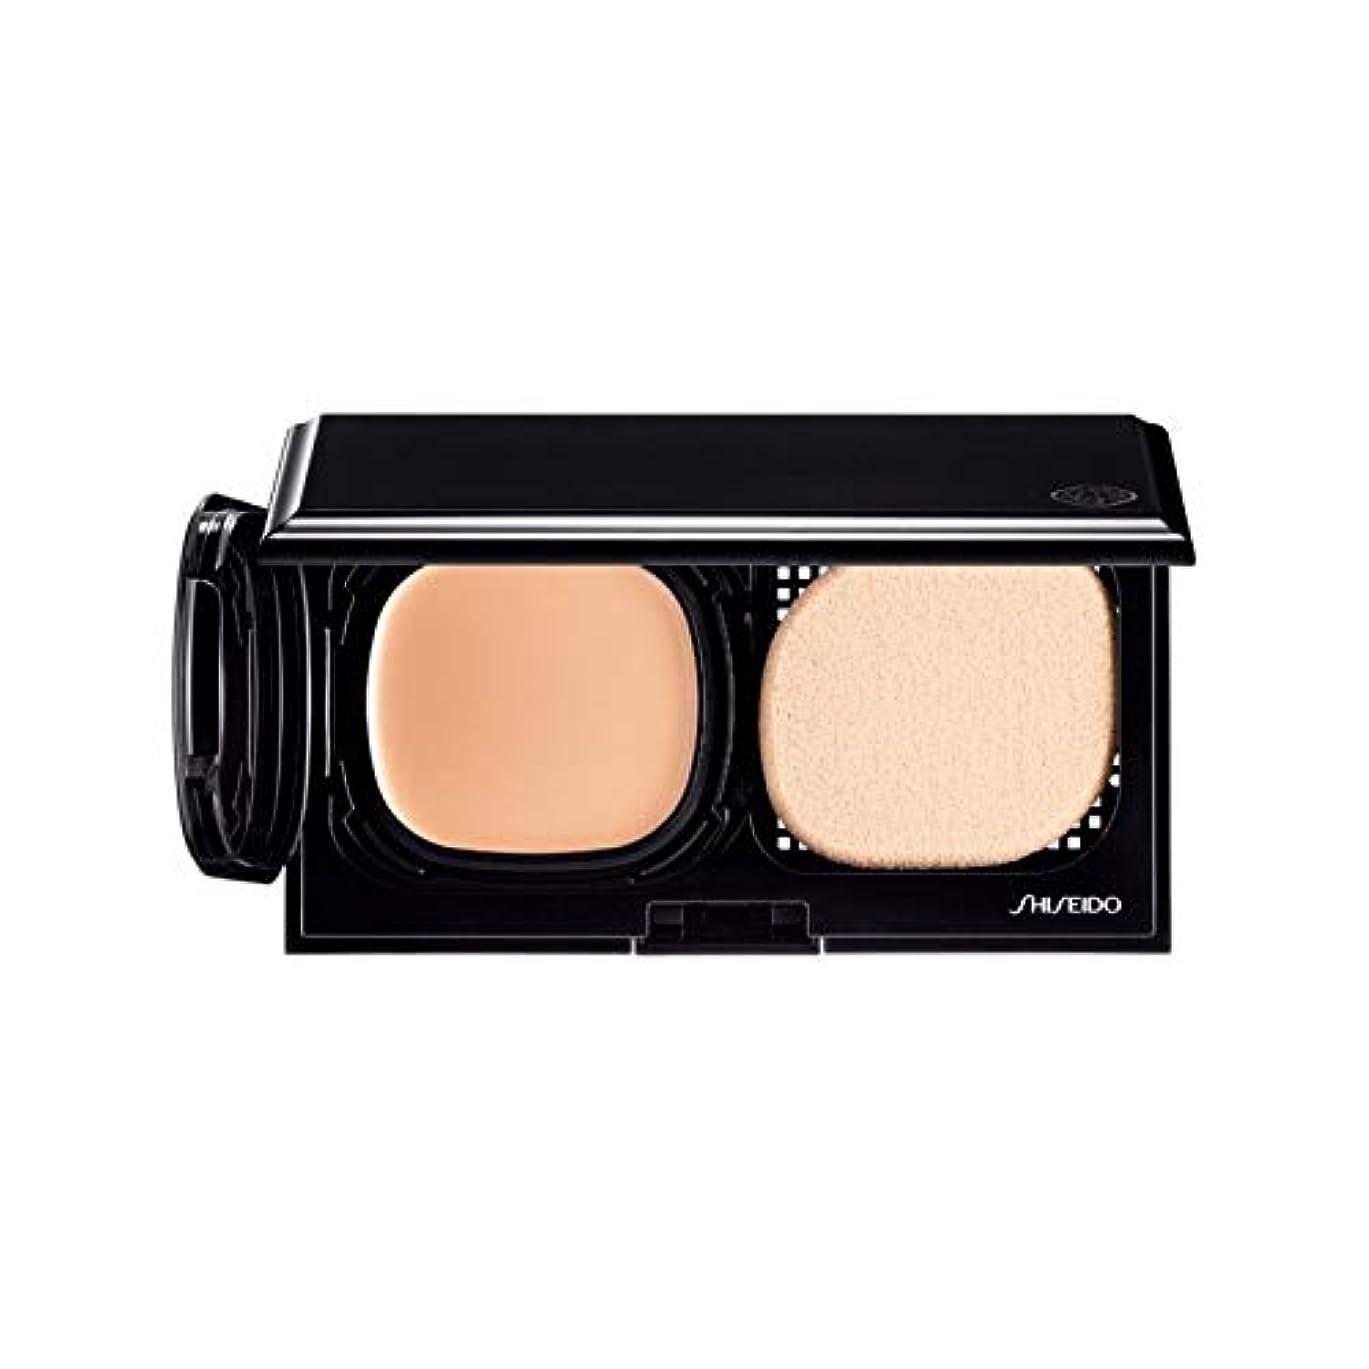 油送信する統合[Shiseido] 自然光ベージュ - 資生堂ハイドロ液体コンパクトB20を前進しました - Shiseido Advanced Hydro Liquid Compact B20 - Natural Light Beige...